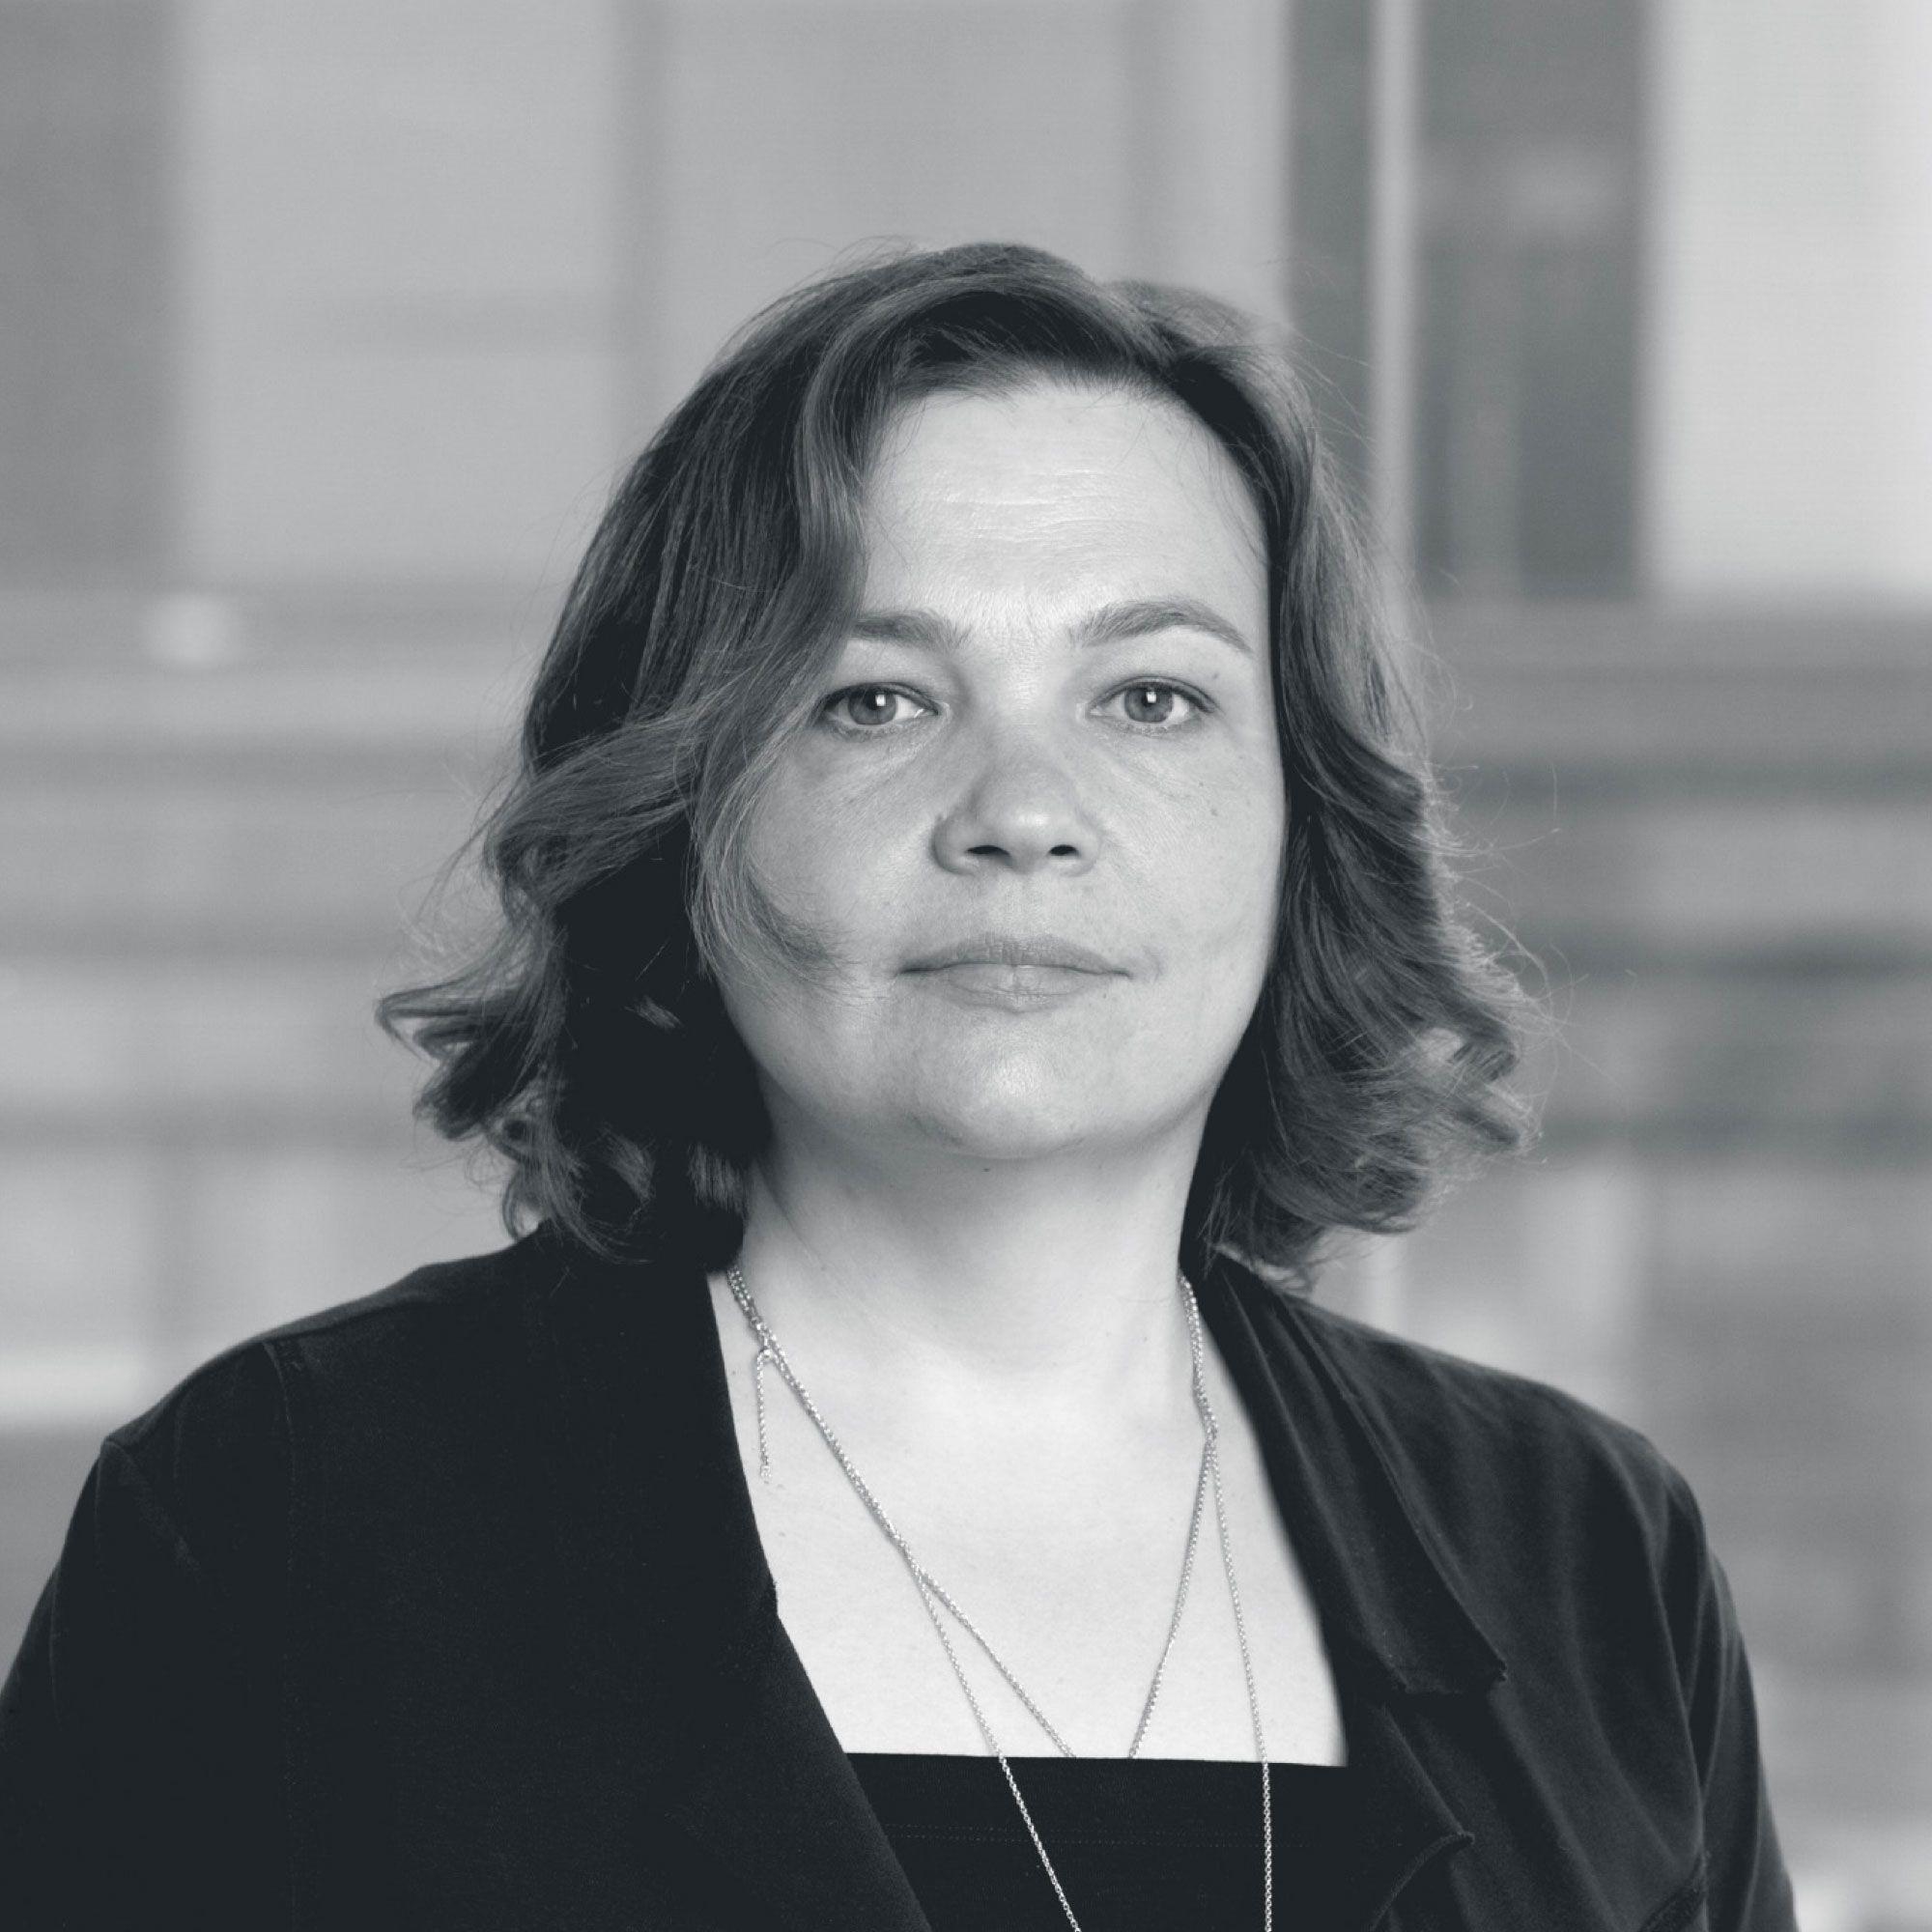 Maria Krajukhina